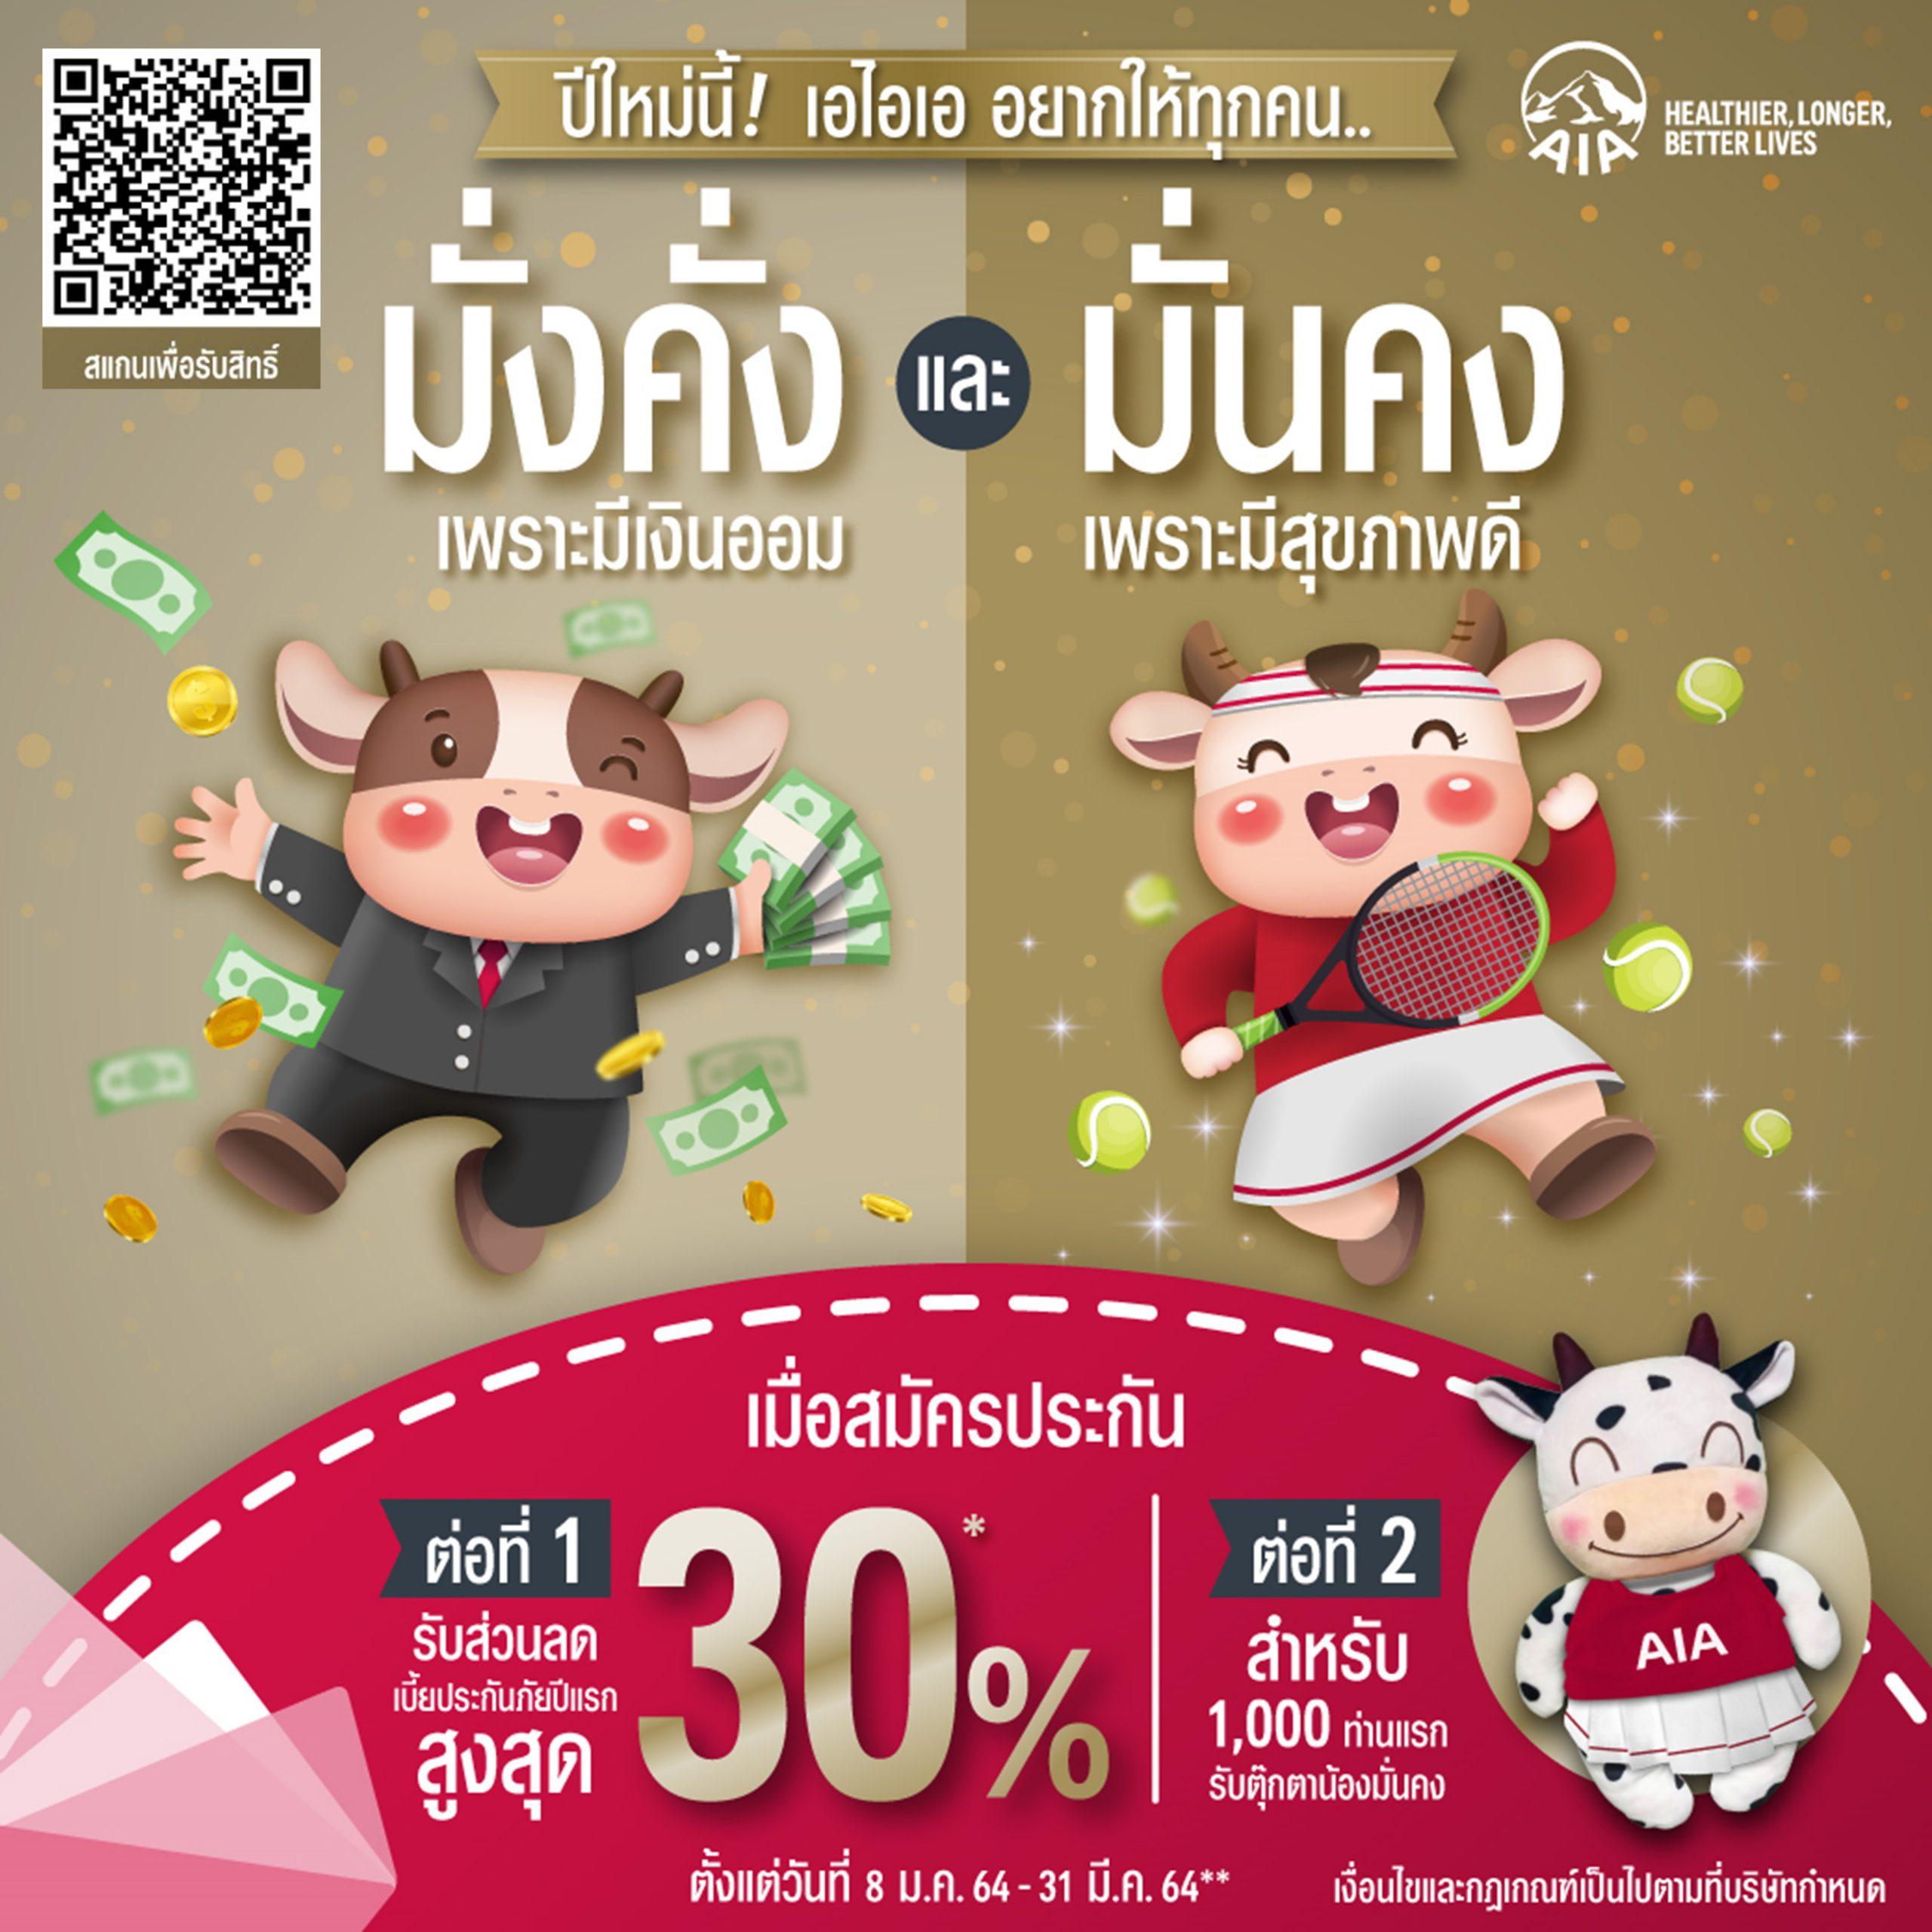 เอไอเอ ประเทศไทย ปล่อยแคมเปญพิเศษต้อนรับปีฉลู 2564   เดินหน้าผลักดันให้คนไทยวางแผนคุ้มครองชีวิตและสุขภาพพร้อมรับมือโรคร้ายแรง